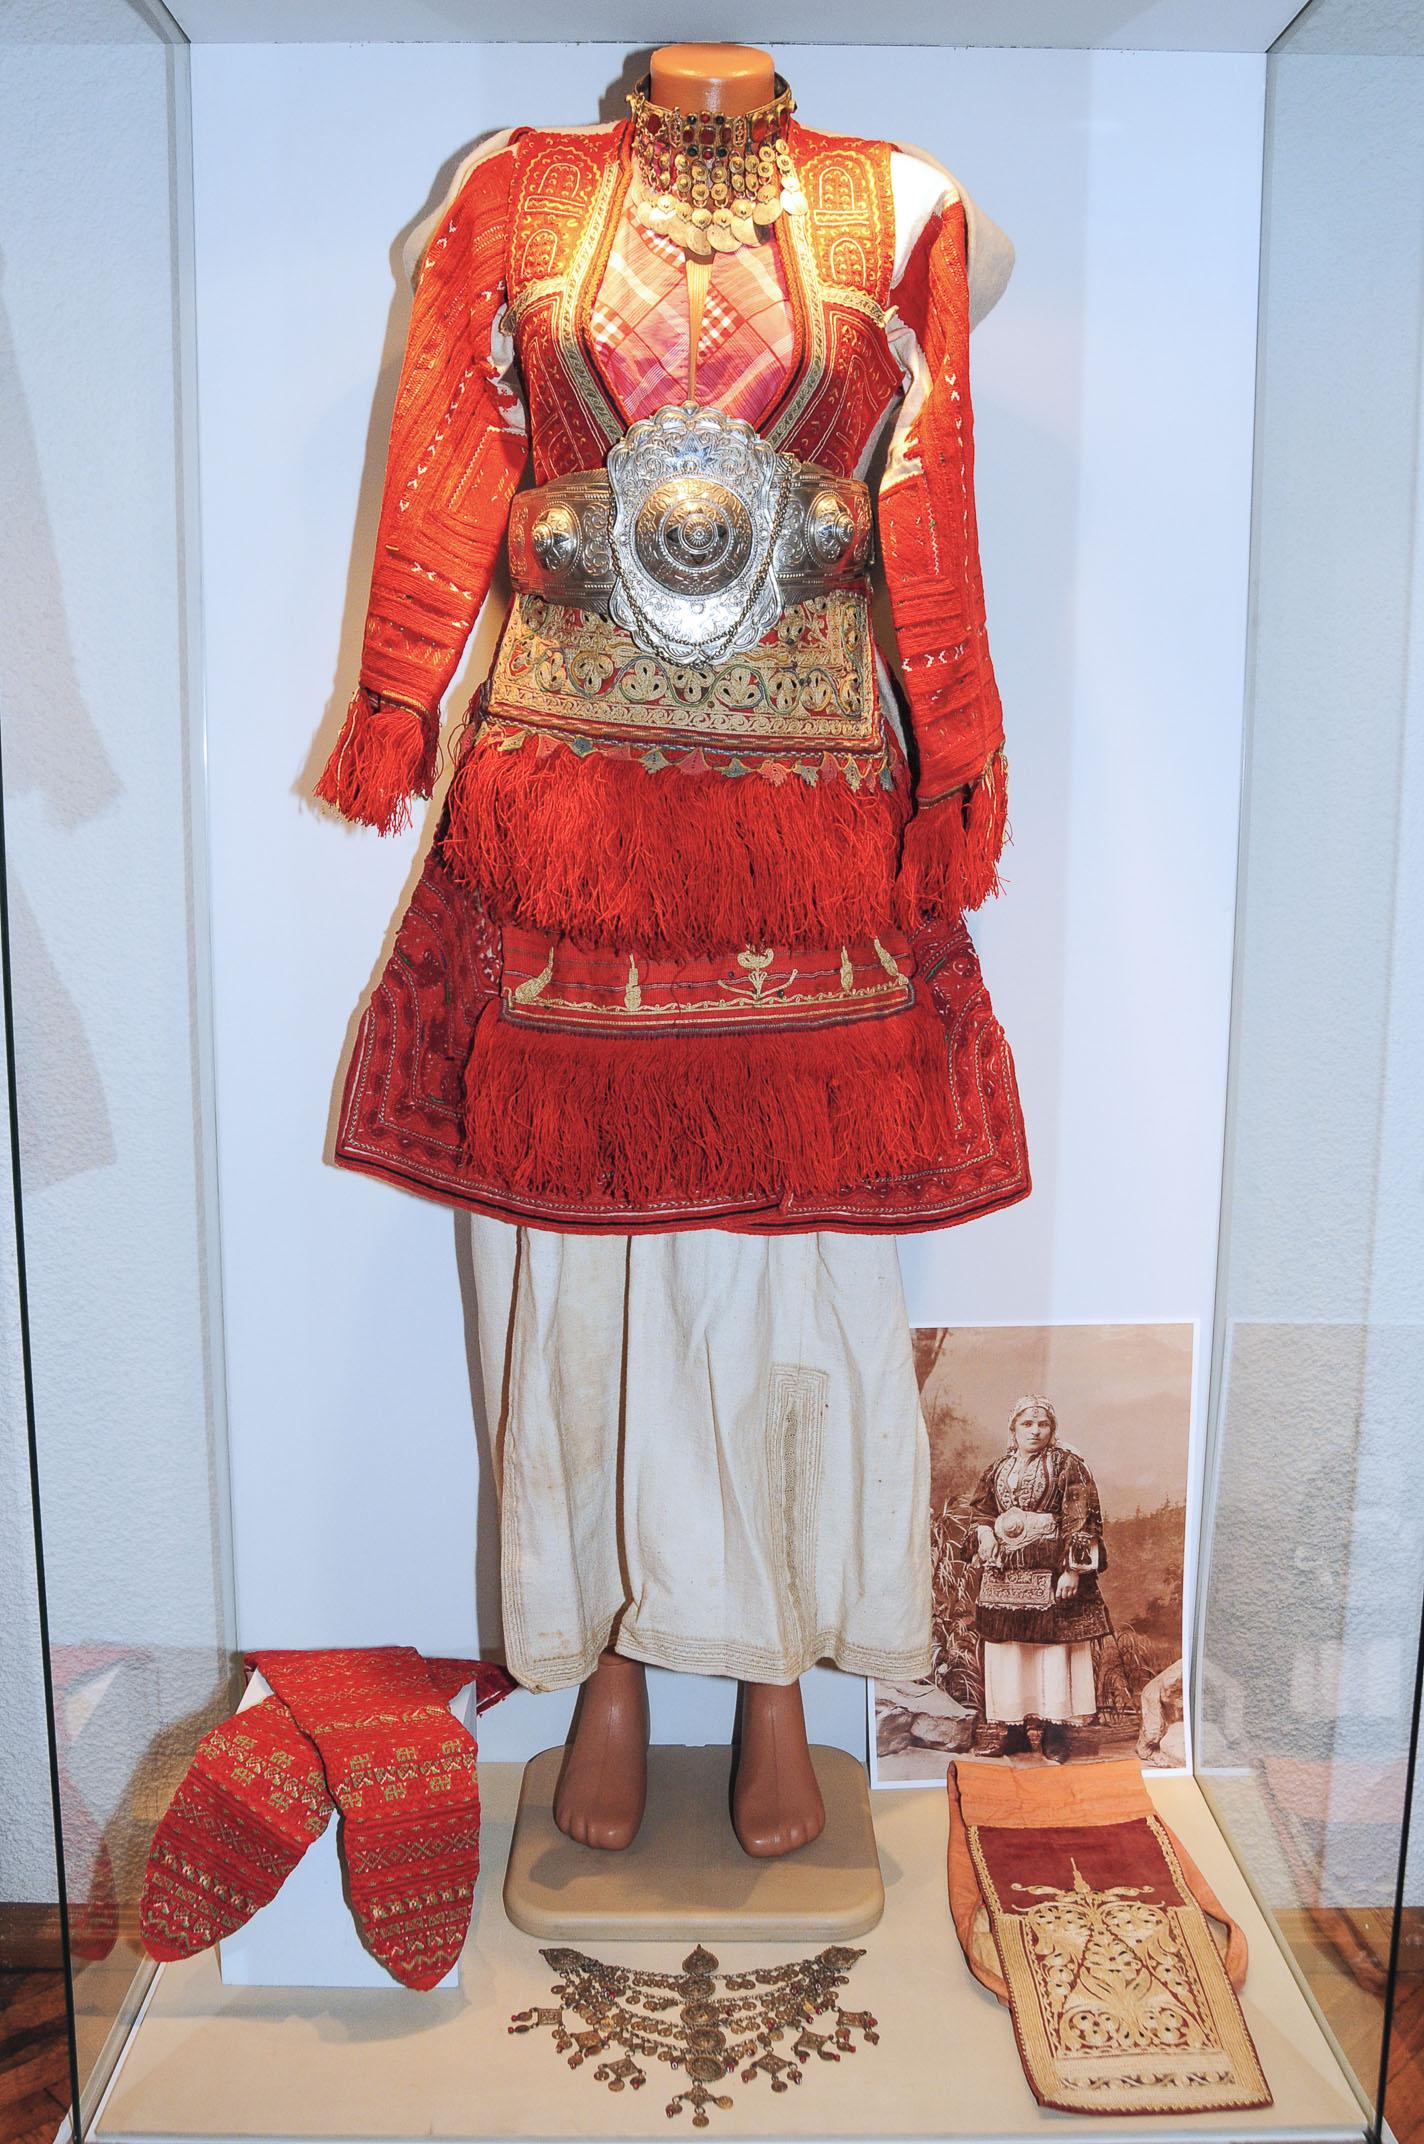 troyan-museum-bylgarsko-zlatarsko-izkustvo-5